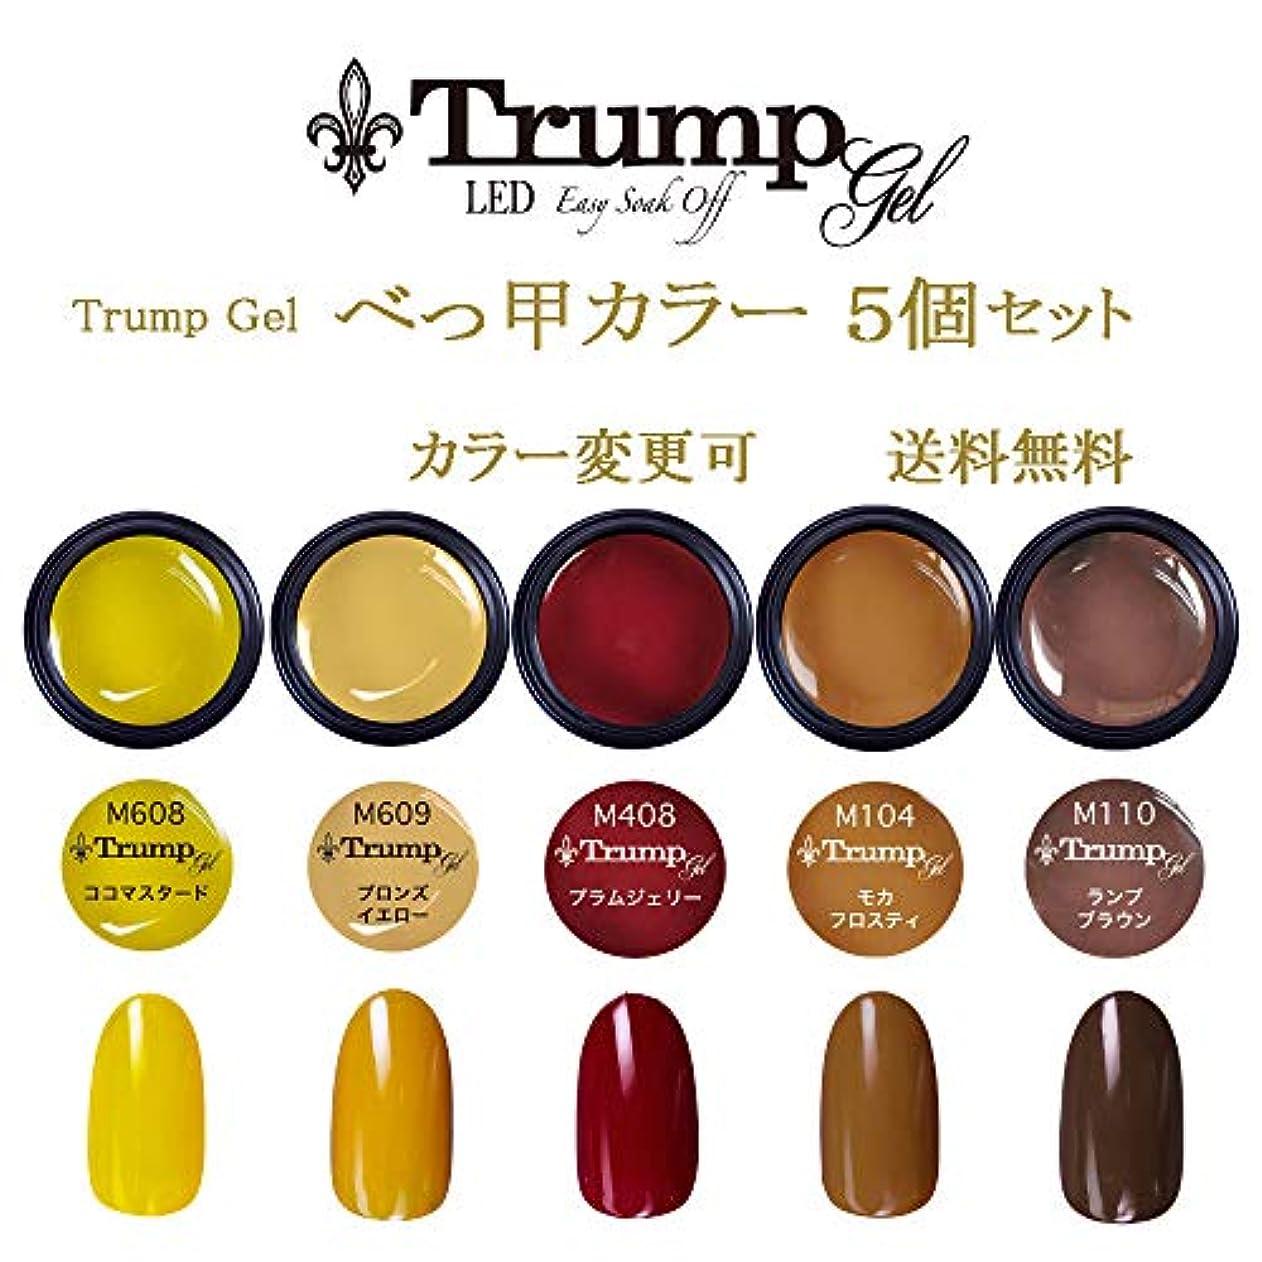 感心するネーピアしたい【送料無料】日本製 Trump gel トランプジェル べっ甲カラー ブラウン系 選べる カラージェル 5個セット べっ甲ネイル ベージュ ブラウン マスタード カラー